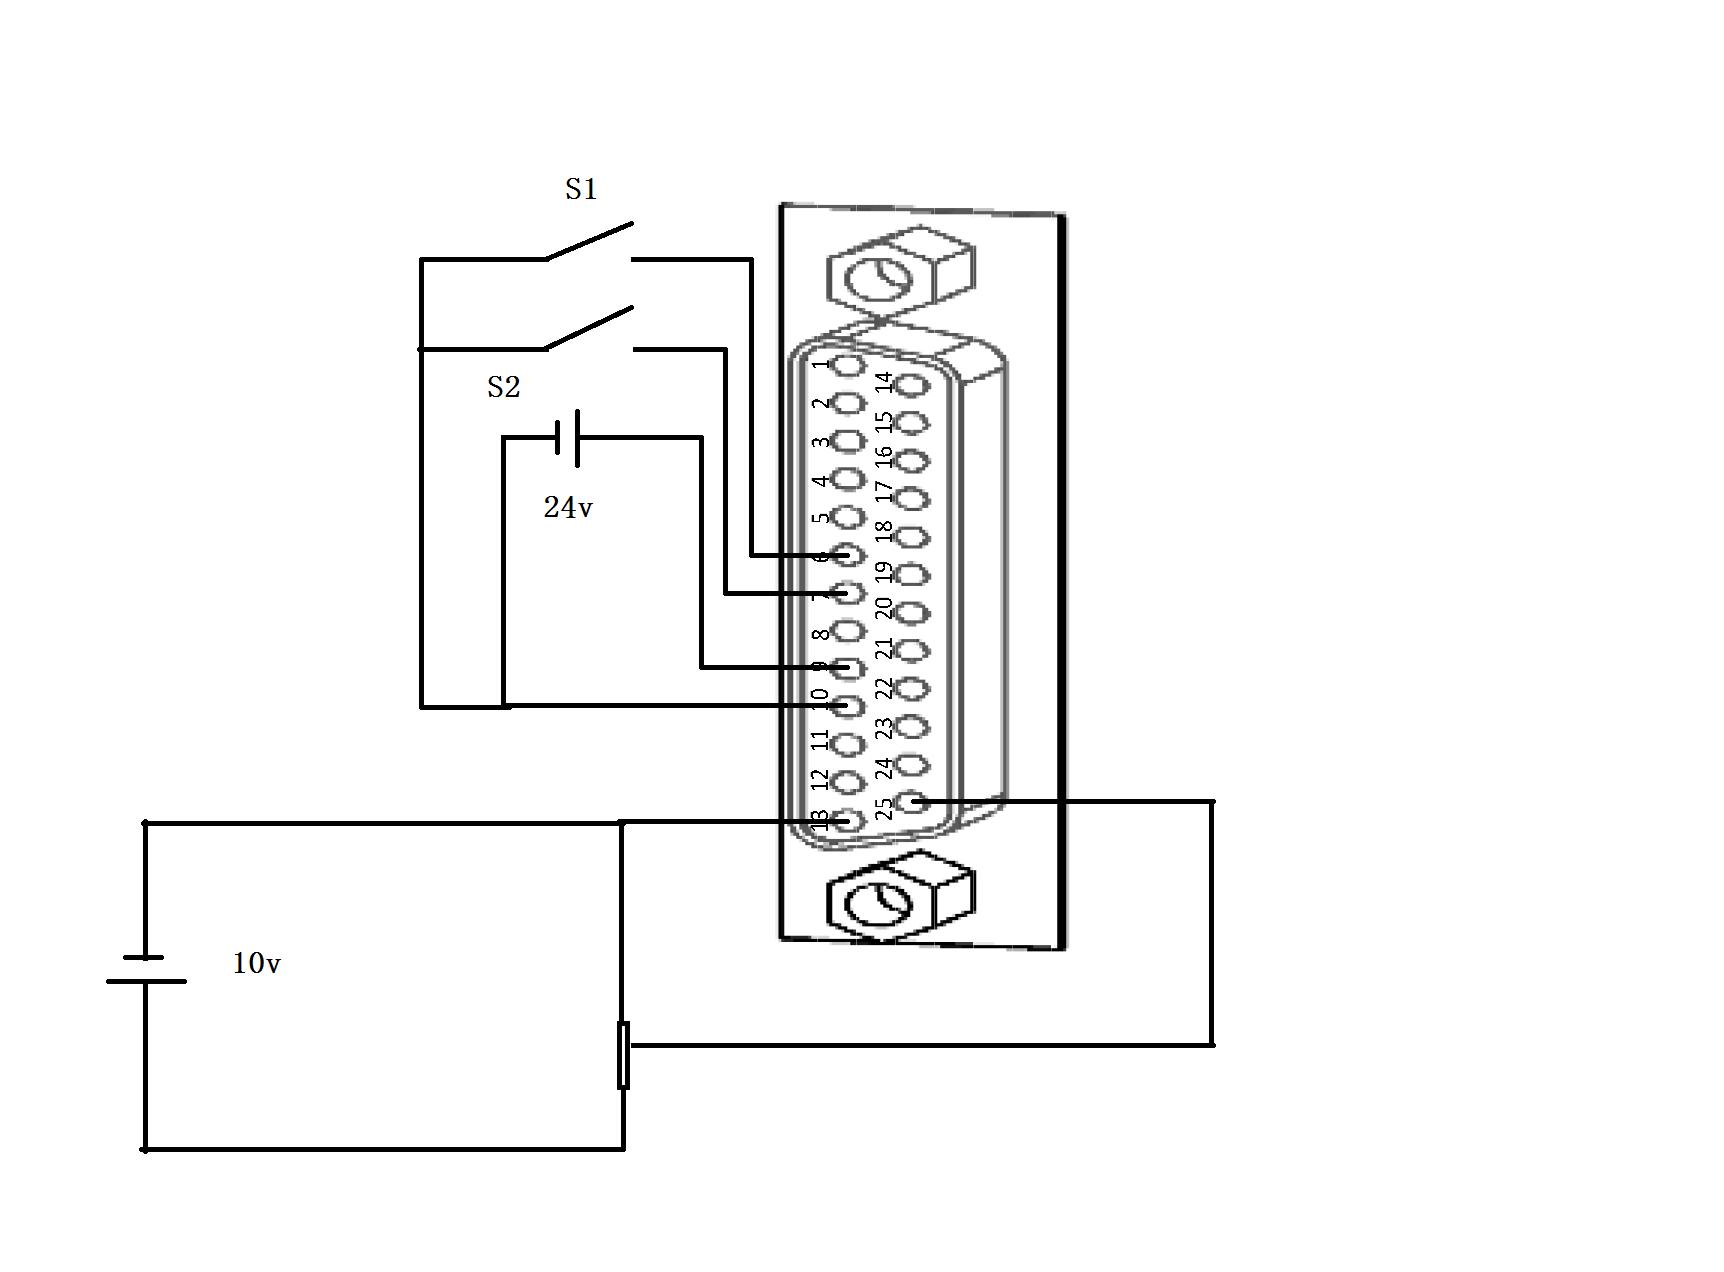 DM系列伺服电机驱动说明书-19.png